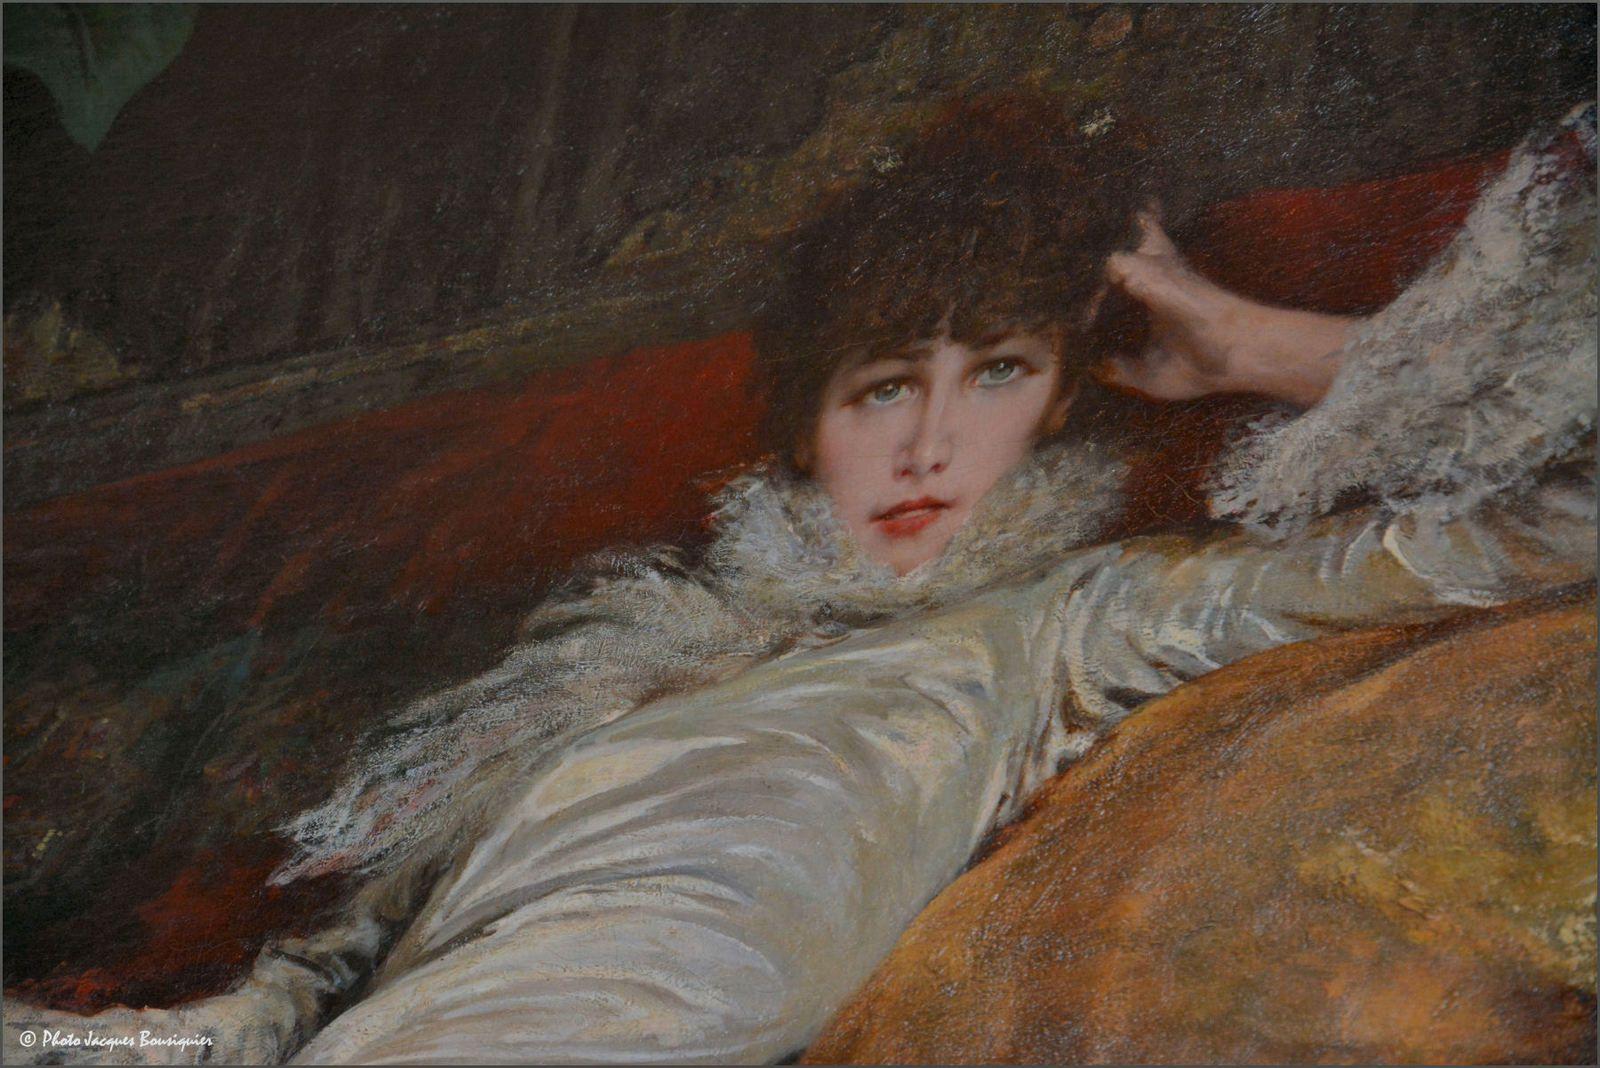 Petit bonjour du jour, de la part de Sarah Bernhardt